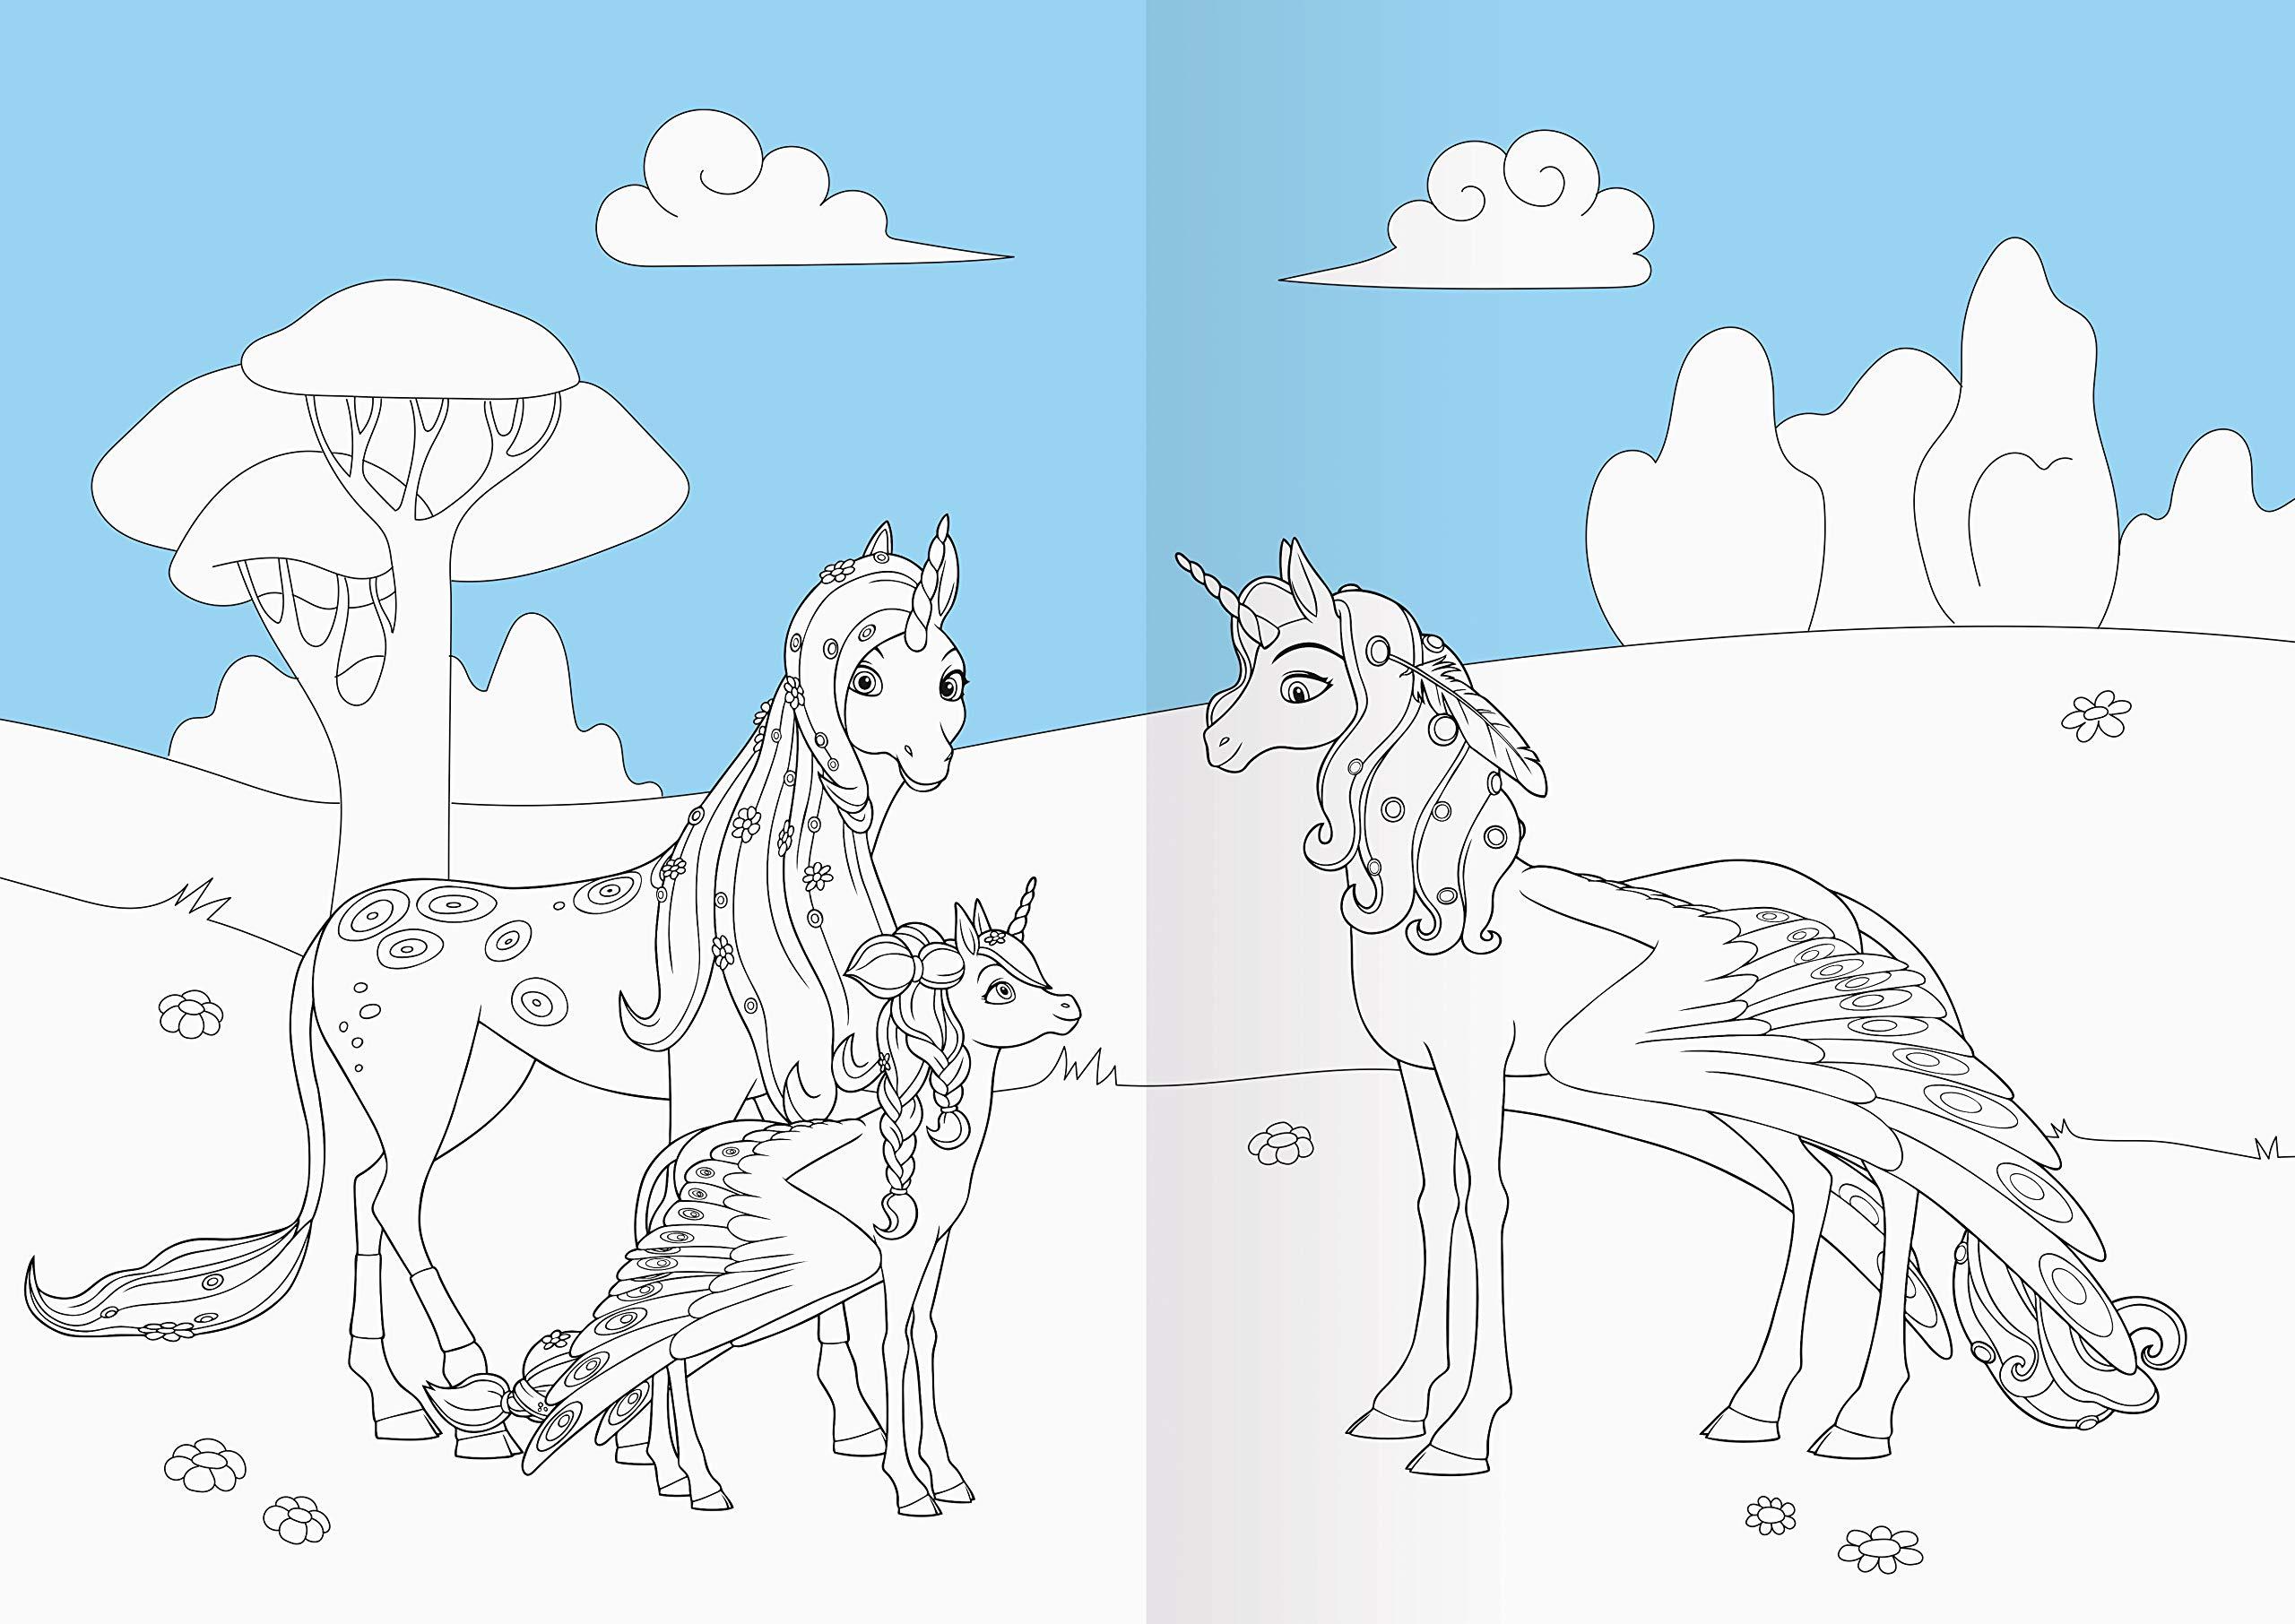 Mia And Me Mein Magisches Malbuch Amazon De Dreamworks Animation L L C Bucher